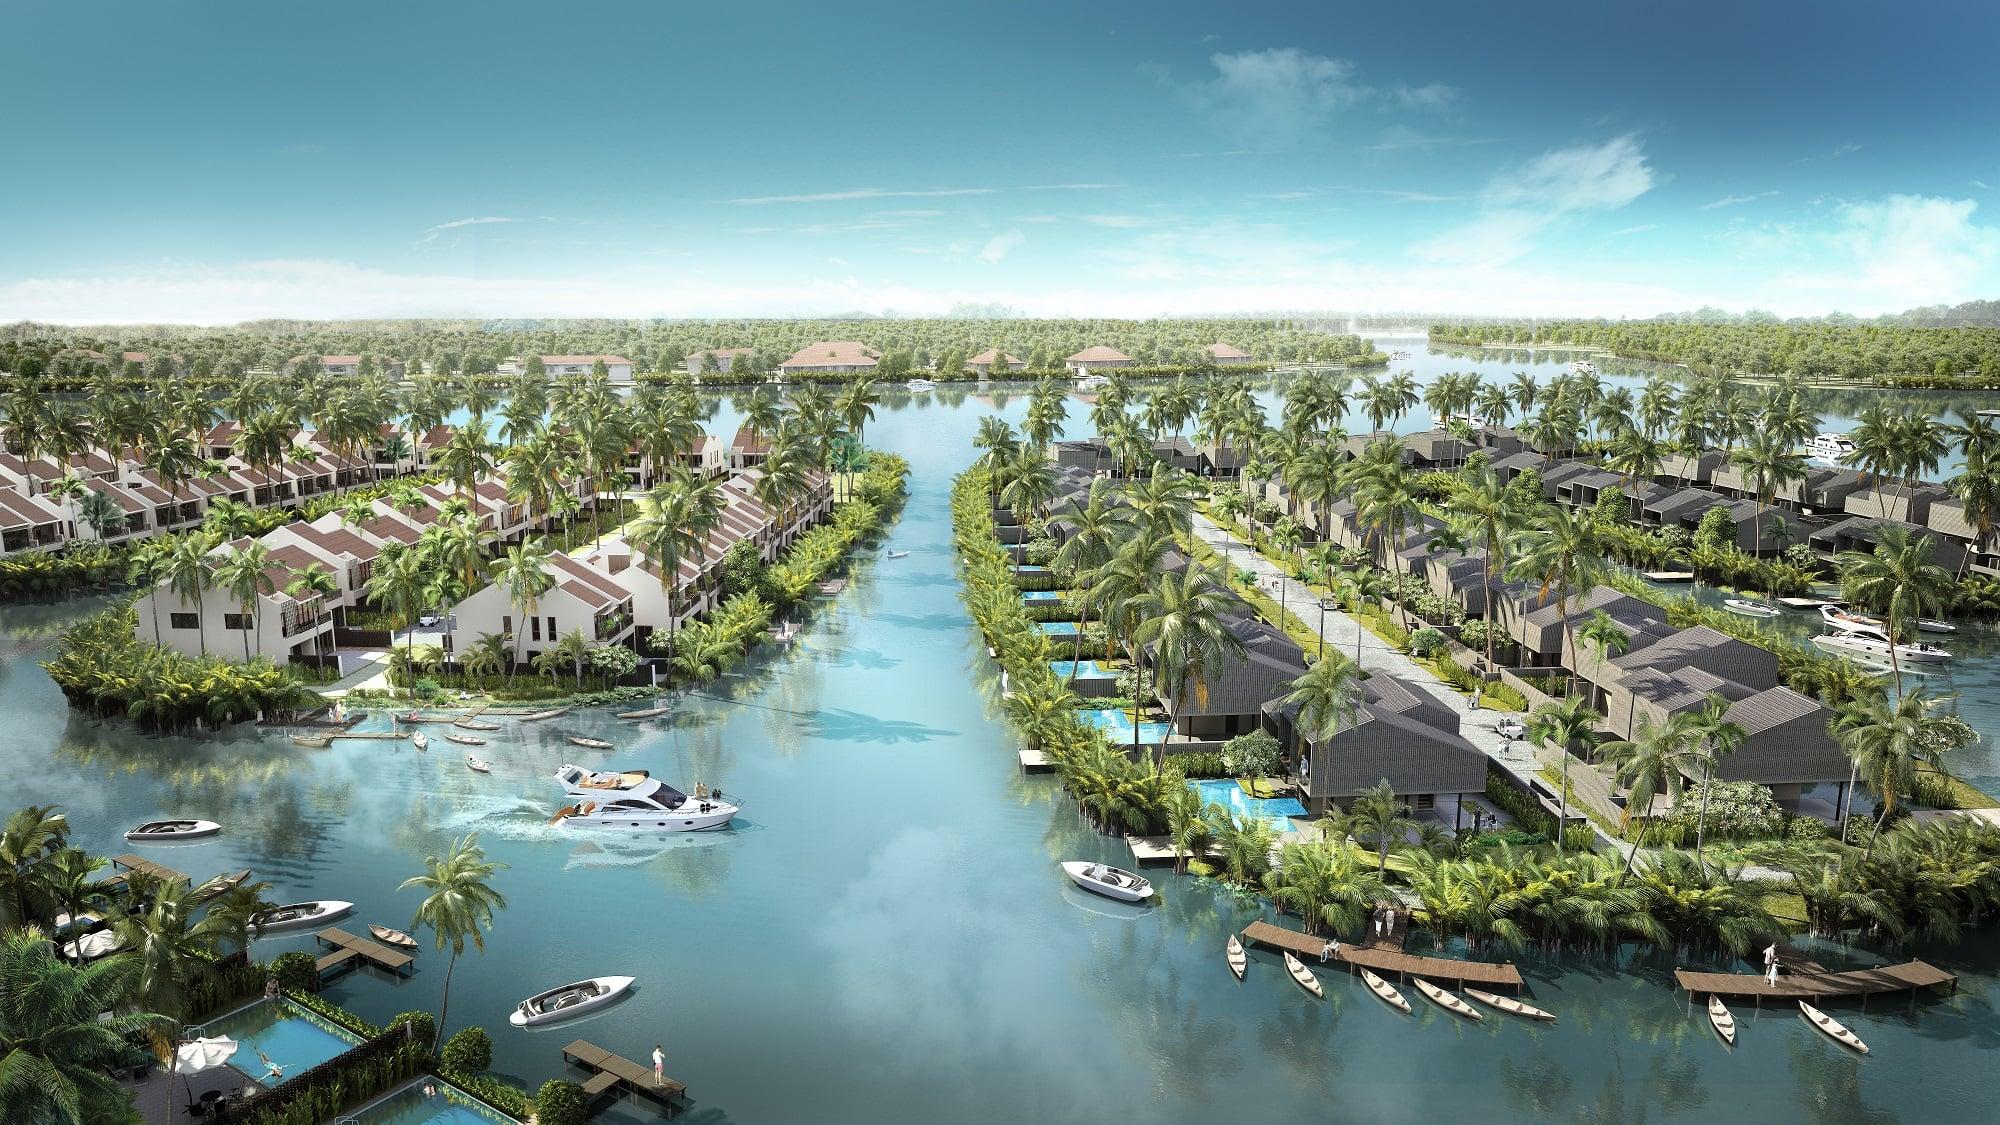 Dự án nổi bật với thiết kế kênh nhân tạo dẫn nước vào từ sông lớn